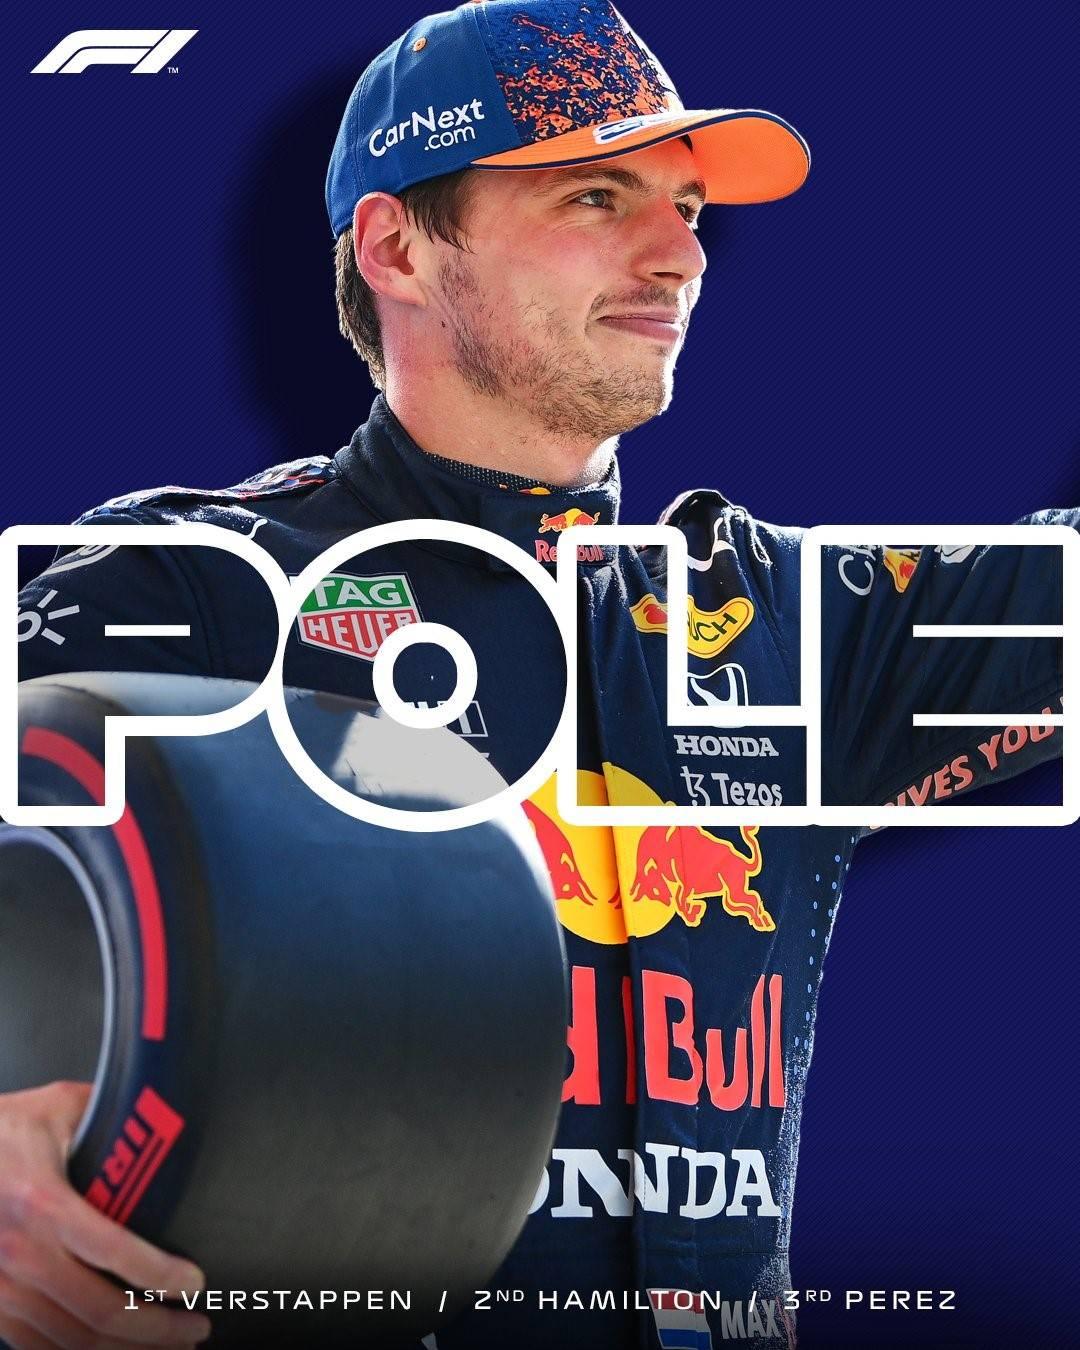 维斯塔潘夺F1美国站排位赛杆位,汉密尔顿第二